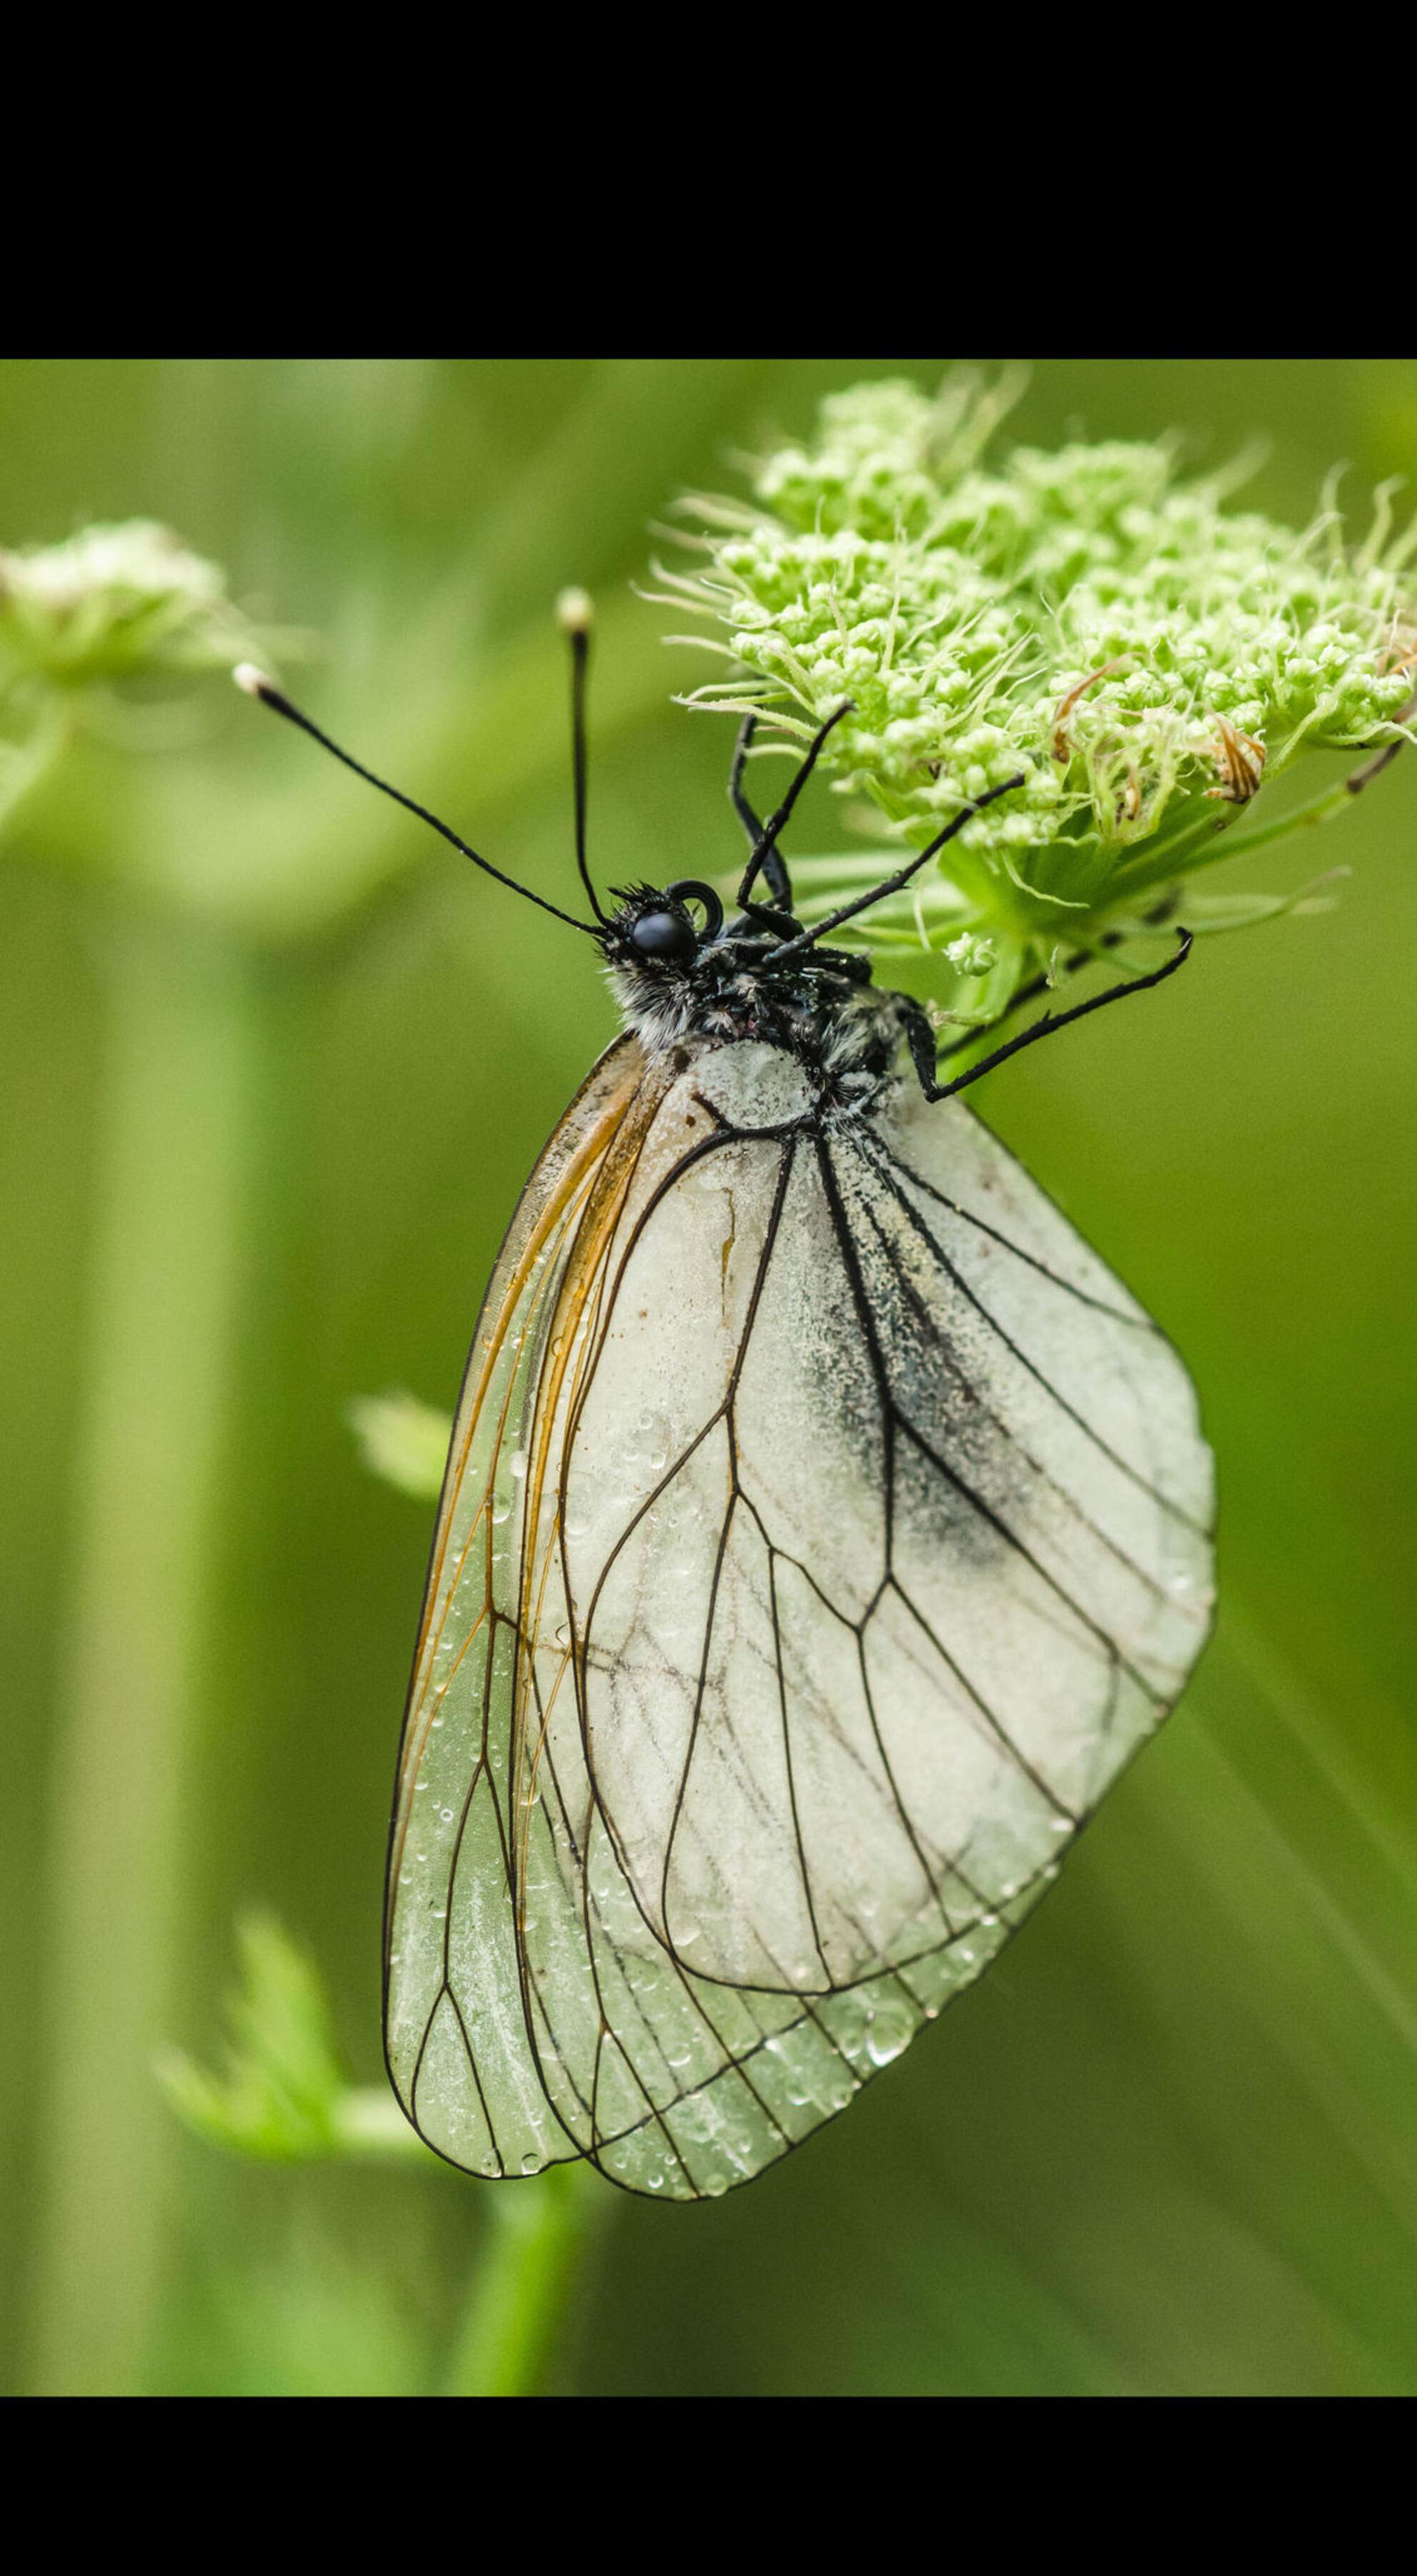 Wachten tot de regen stopt - Groot geaderd witje (Aporia crataegi). Ik wist het niet, maar vlinders gaan niet vliegen als het koud en regenachtig overdag is. Ze zoeken een bloem - foto door Gentiaan op 27-02-2015 - deze foto bevat: wachten, regen, regendruppels, insect, dagvlinder, schermbloemige, Groot Geaderd witje, Aporia crataegi - Deze foto mag gebruikt worden in een Zoom.nl publicatie